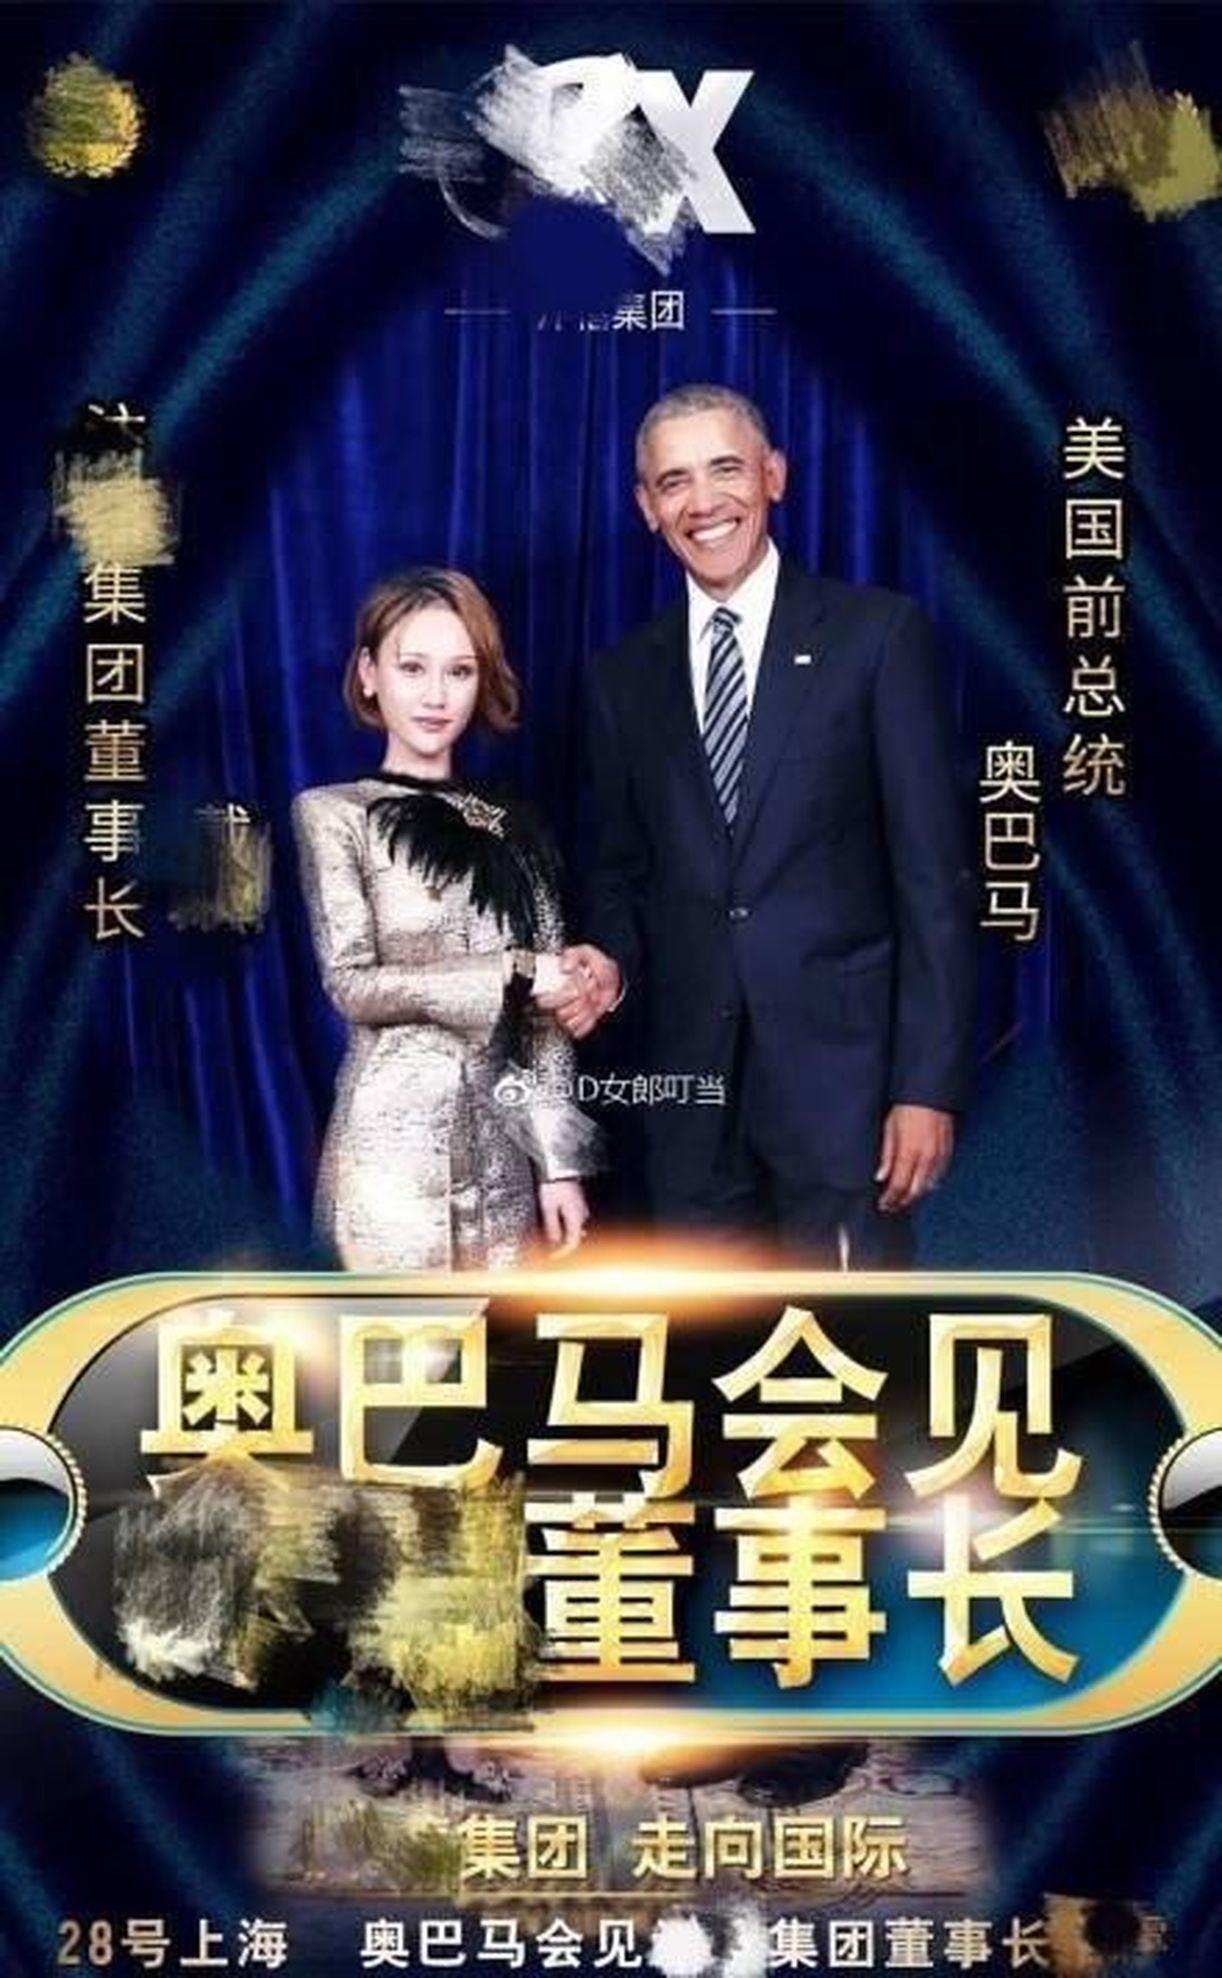 「下崗總統」再就業,微商與歐巴馬握手一次得花20萬(約91萬元台幣)。 葉玉鏡